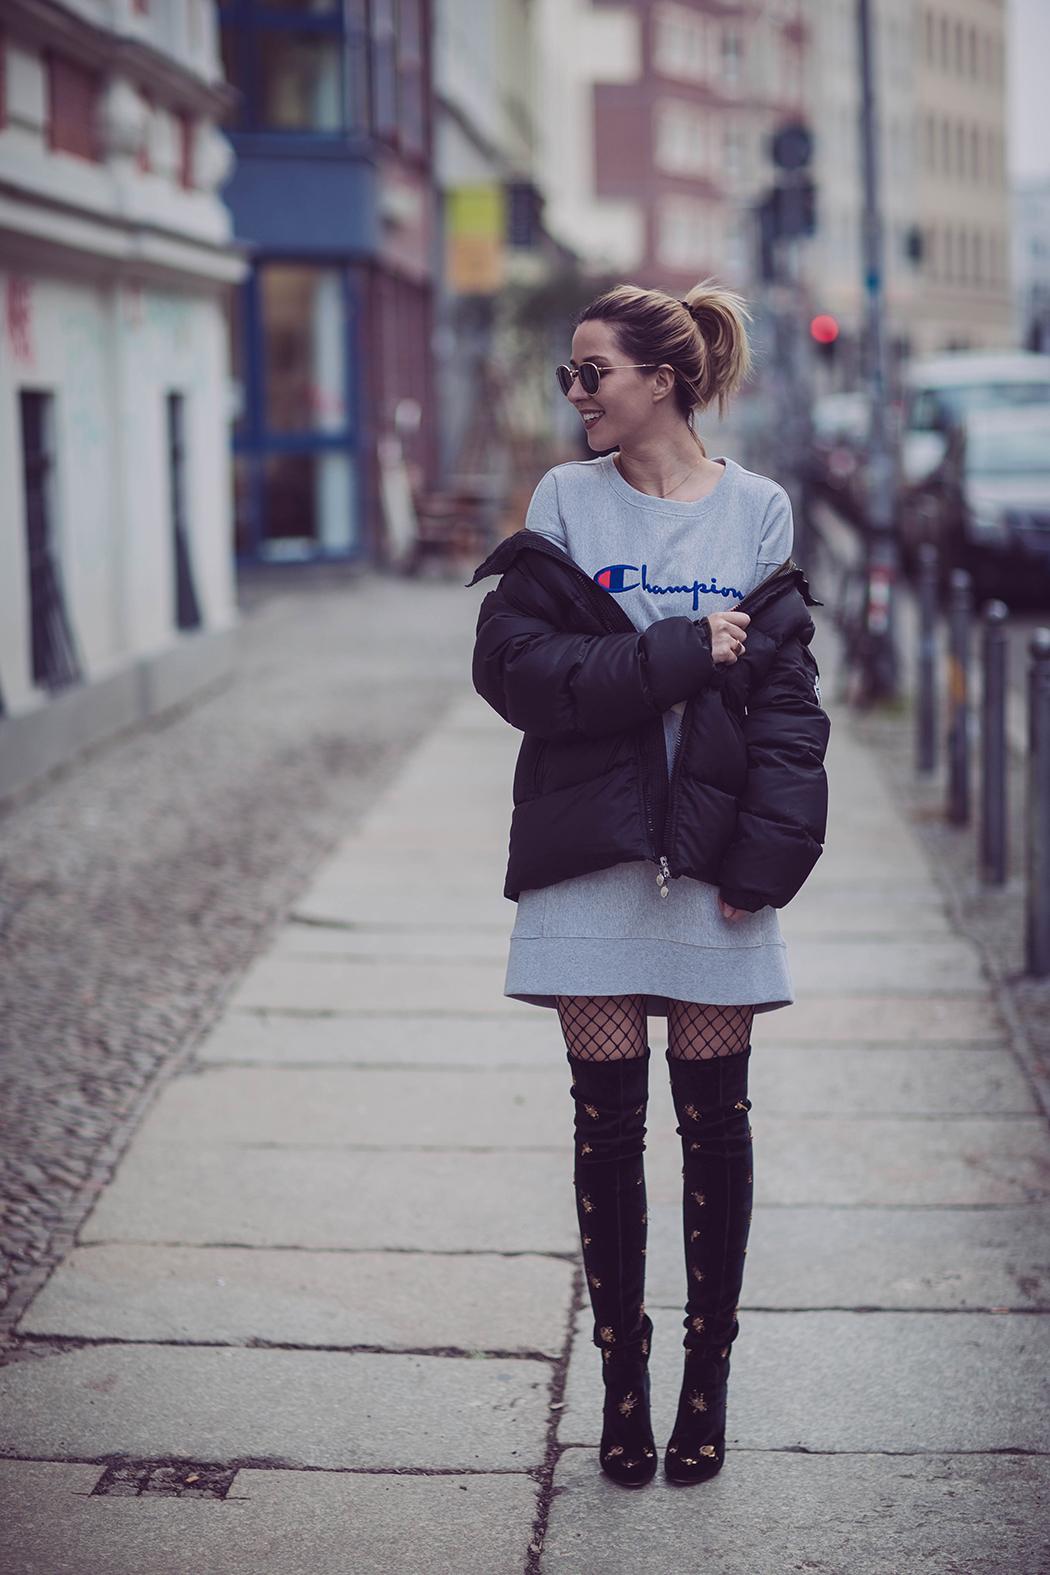 Fashionblog-Fashionblogger-Fashion-Blog-Blogger-Muenchen-Deutschland-Streetstyle-Mode-Fashion-Week-Berlin-2017-Lindarella20170120_02